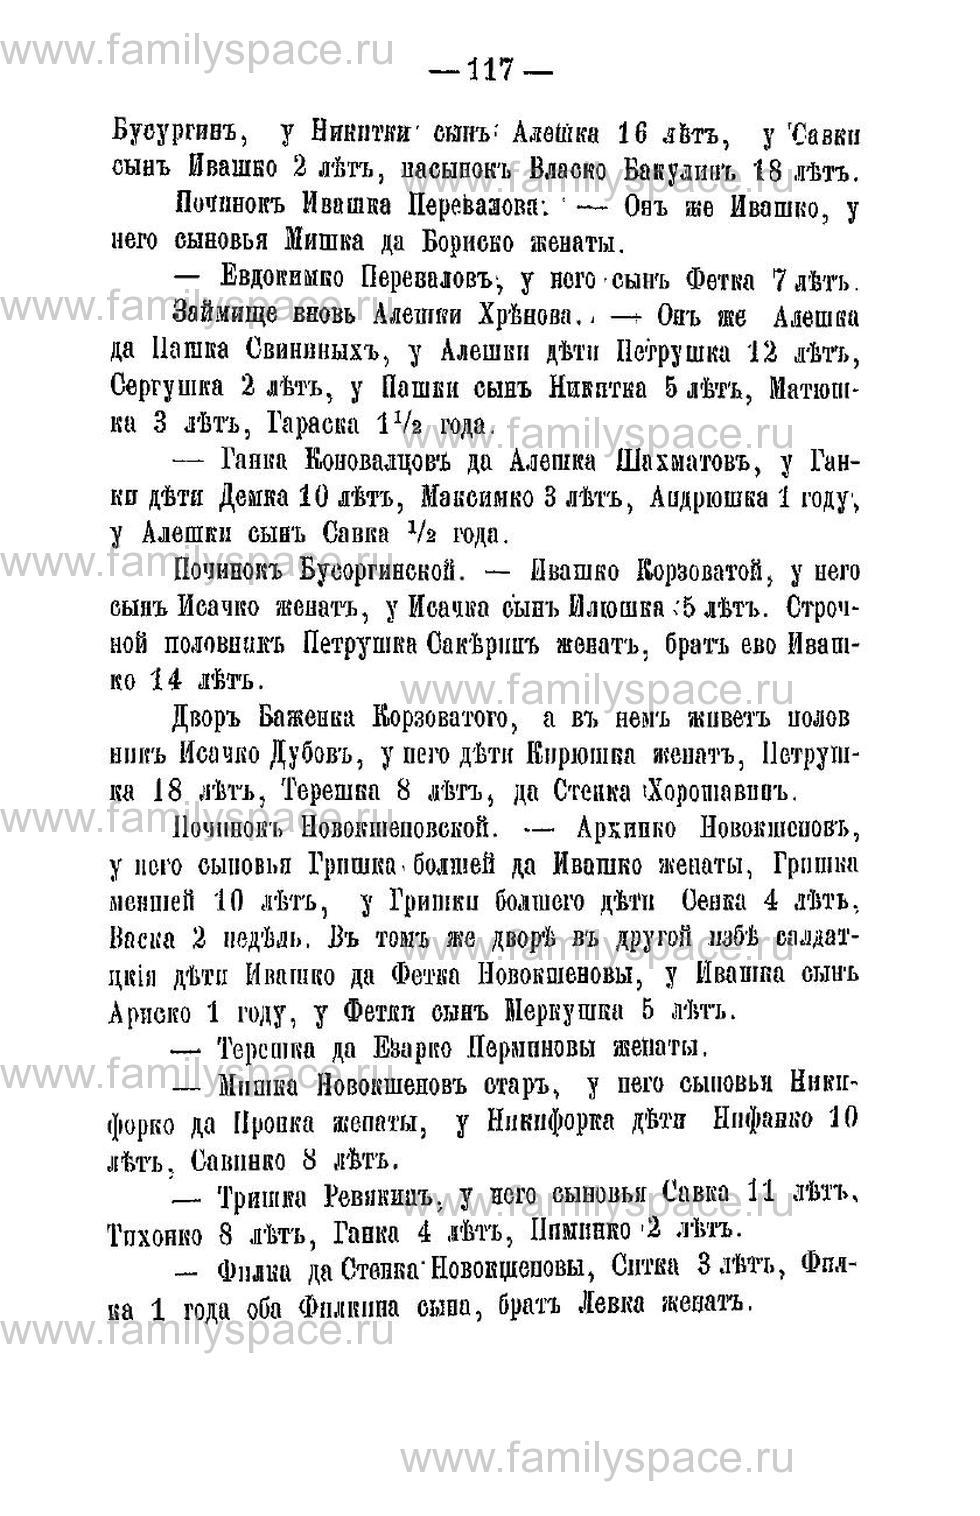 Поиск по фамилии - Переписная книга Орлова и волостей 1678 г, страница 113